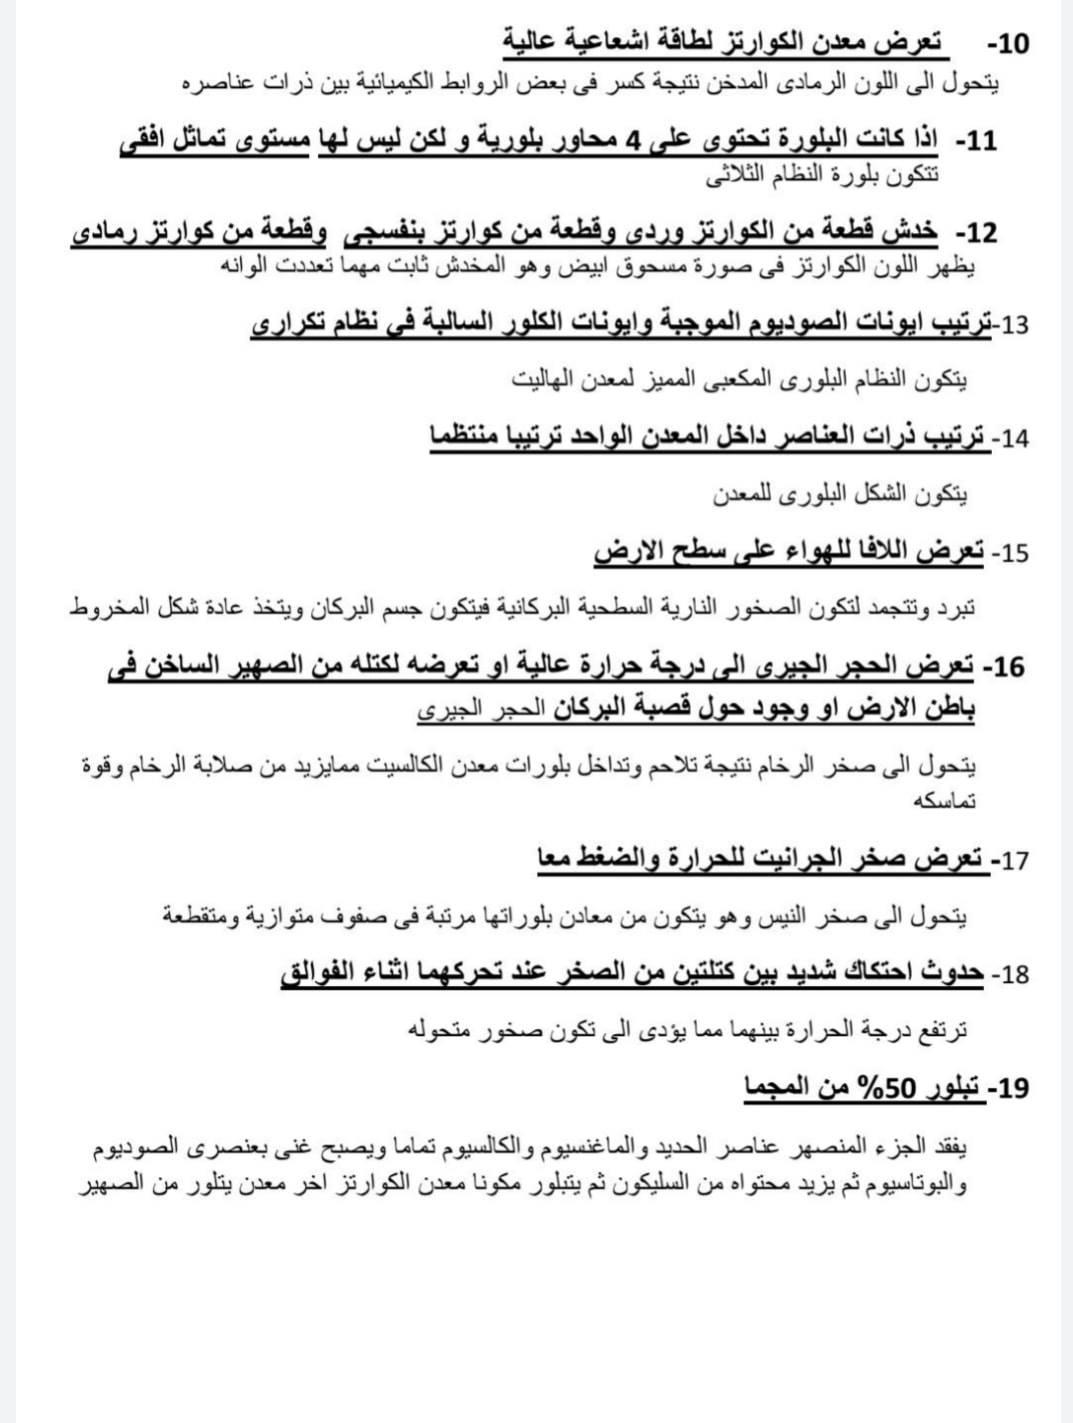 س و ج مراجعة امتحان الجيولوجيا للثانوية العامة من اليوم السابع 1